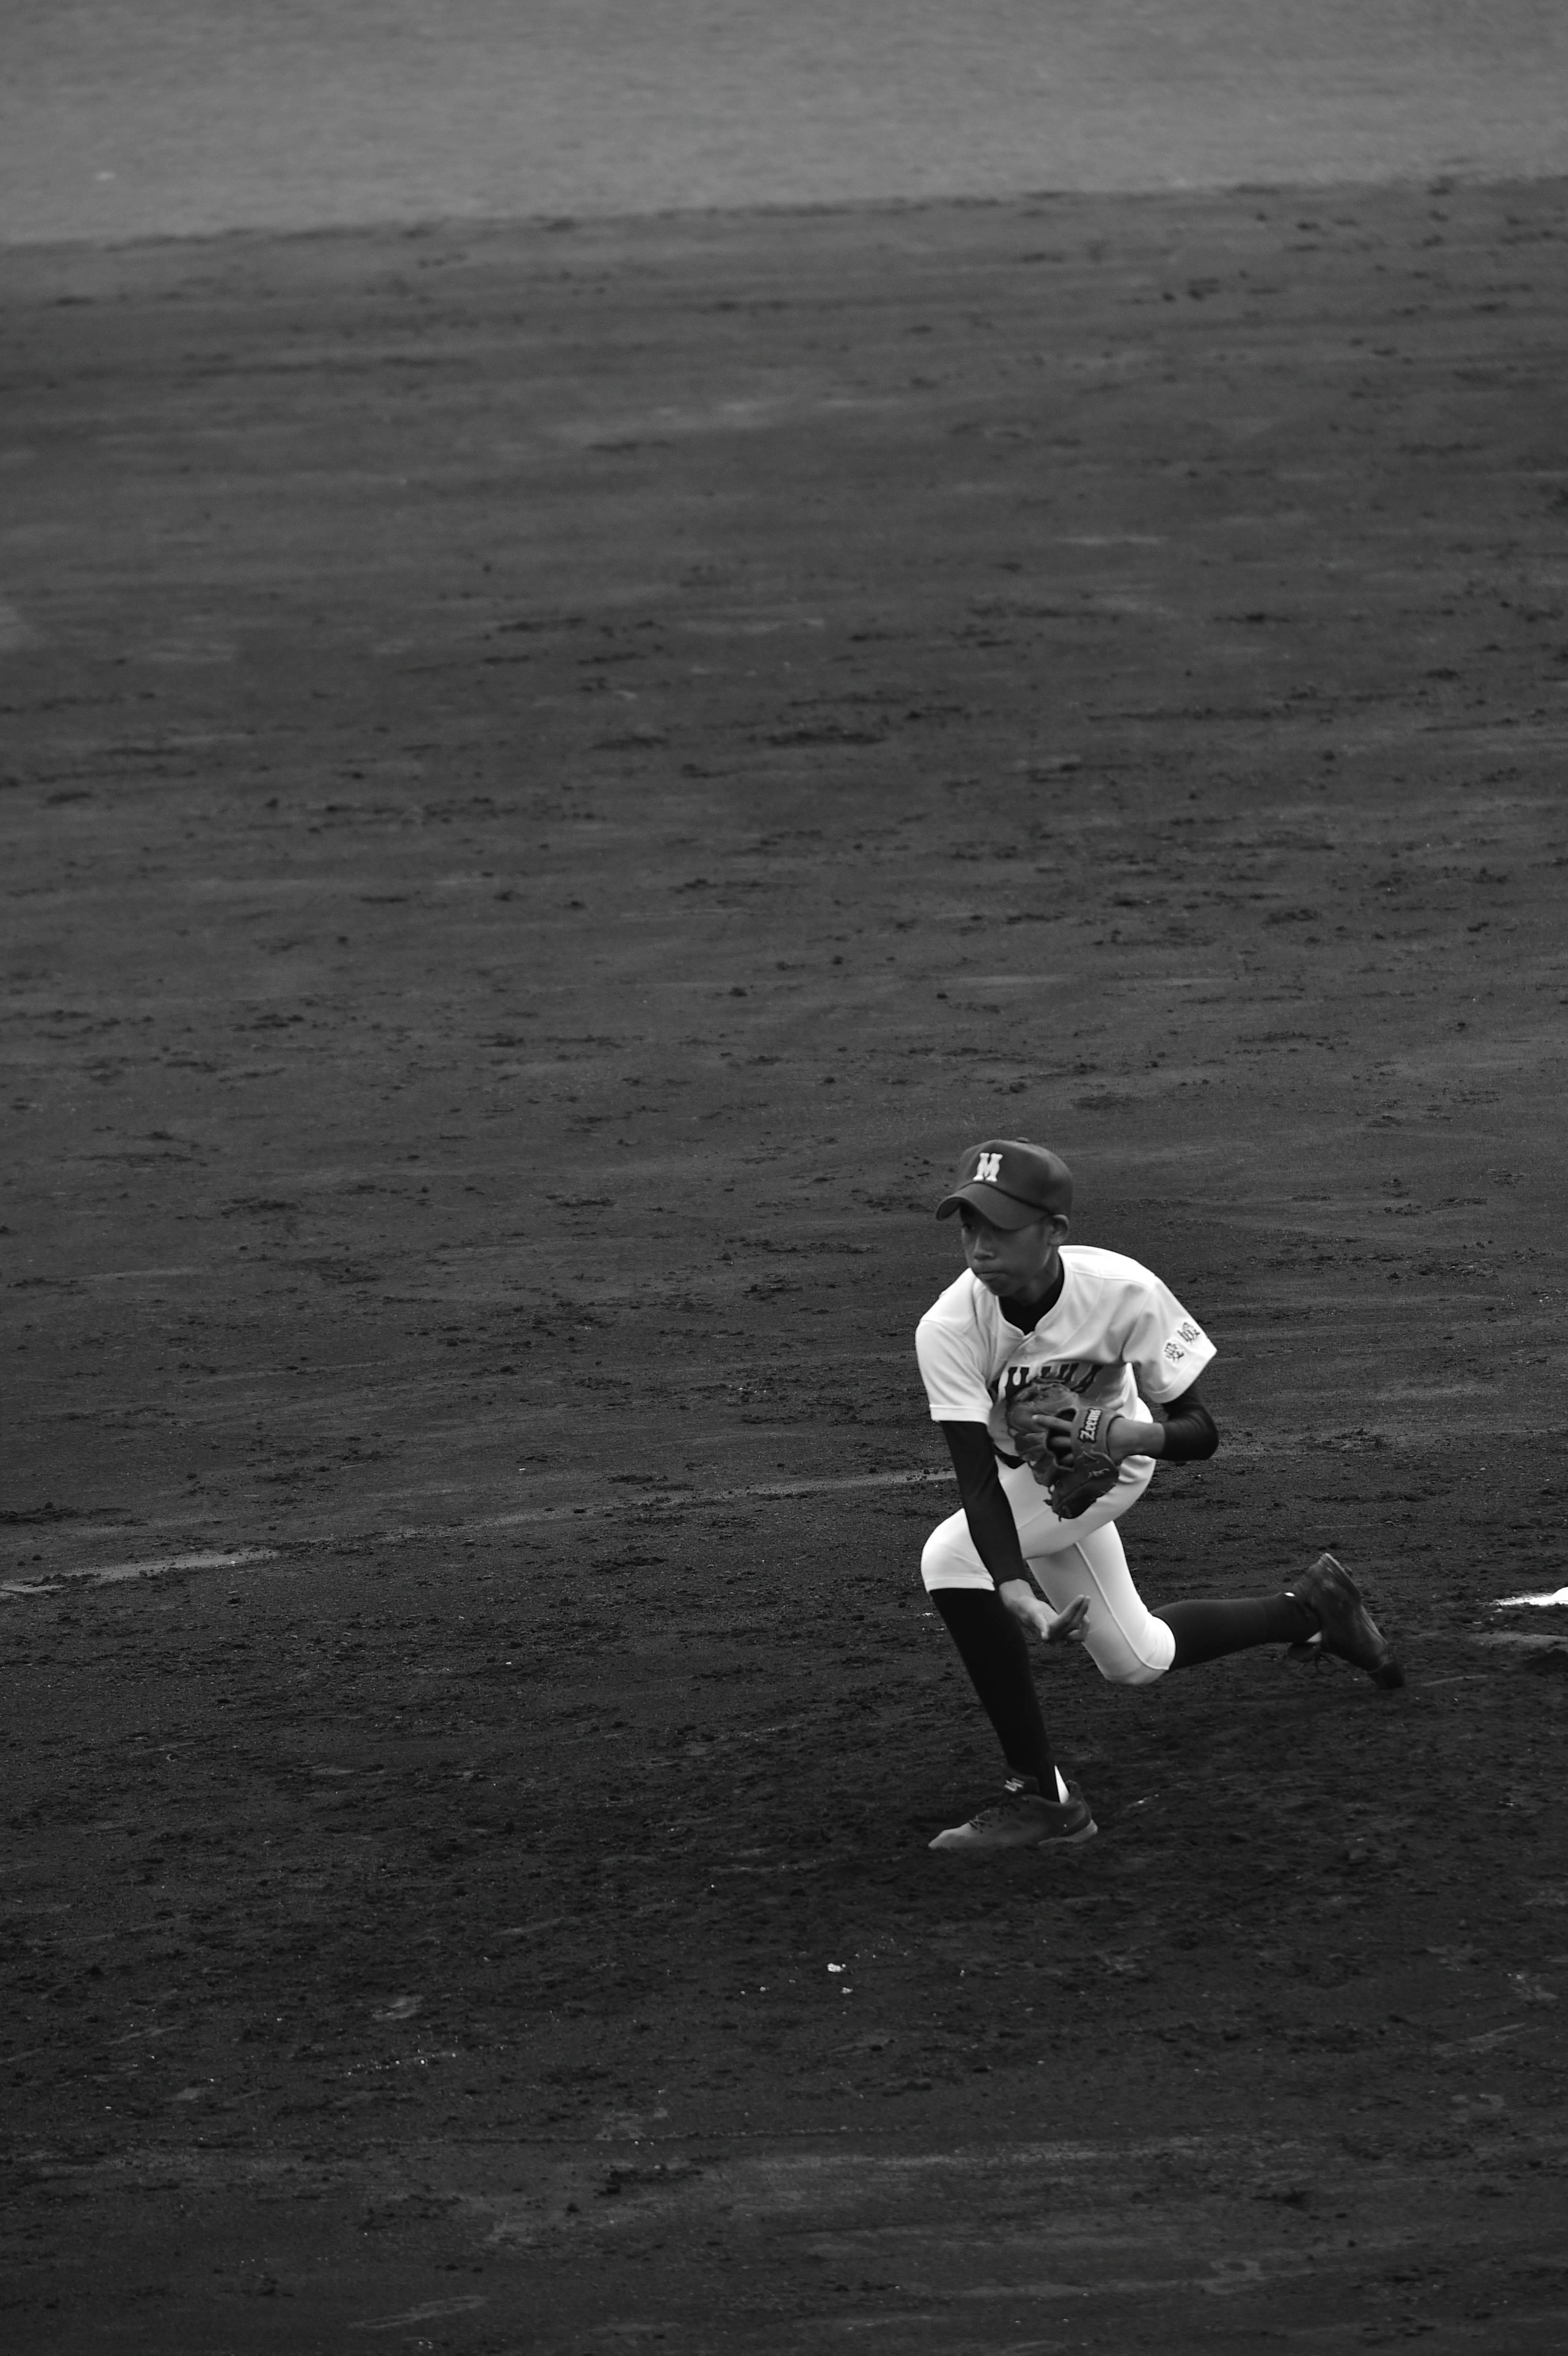 軟式野球 (295)